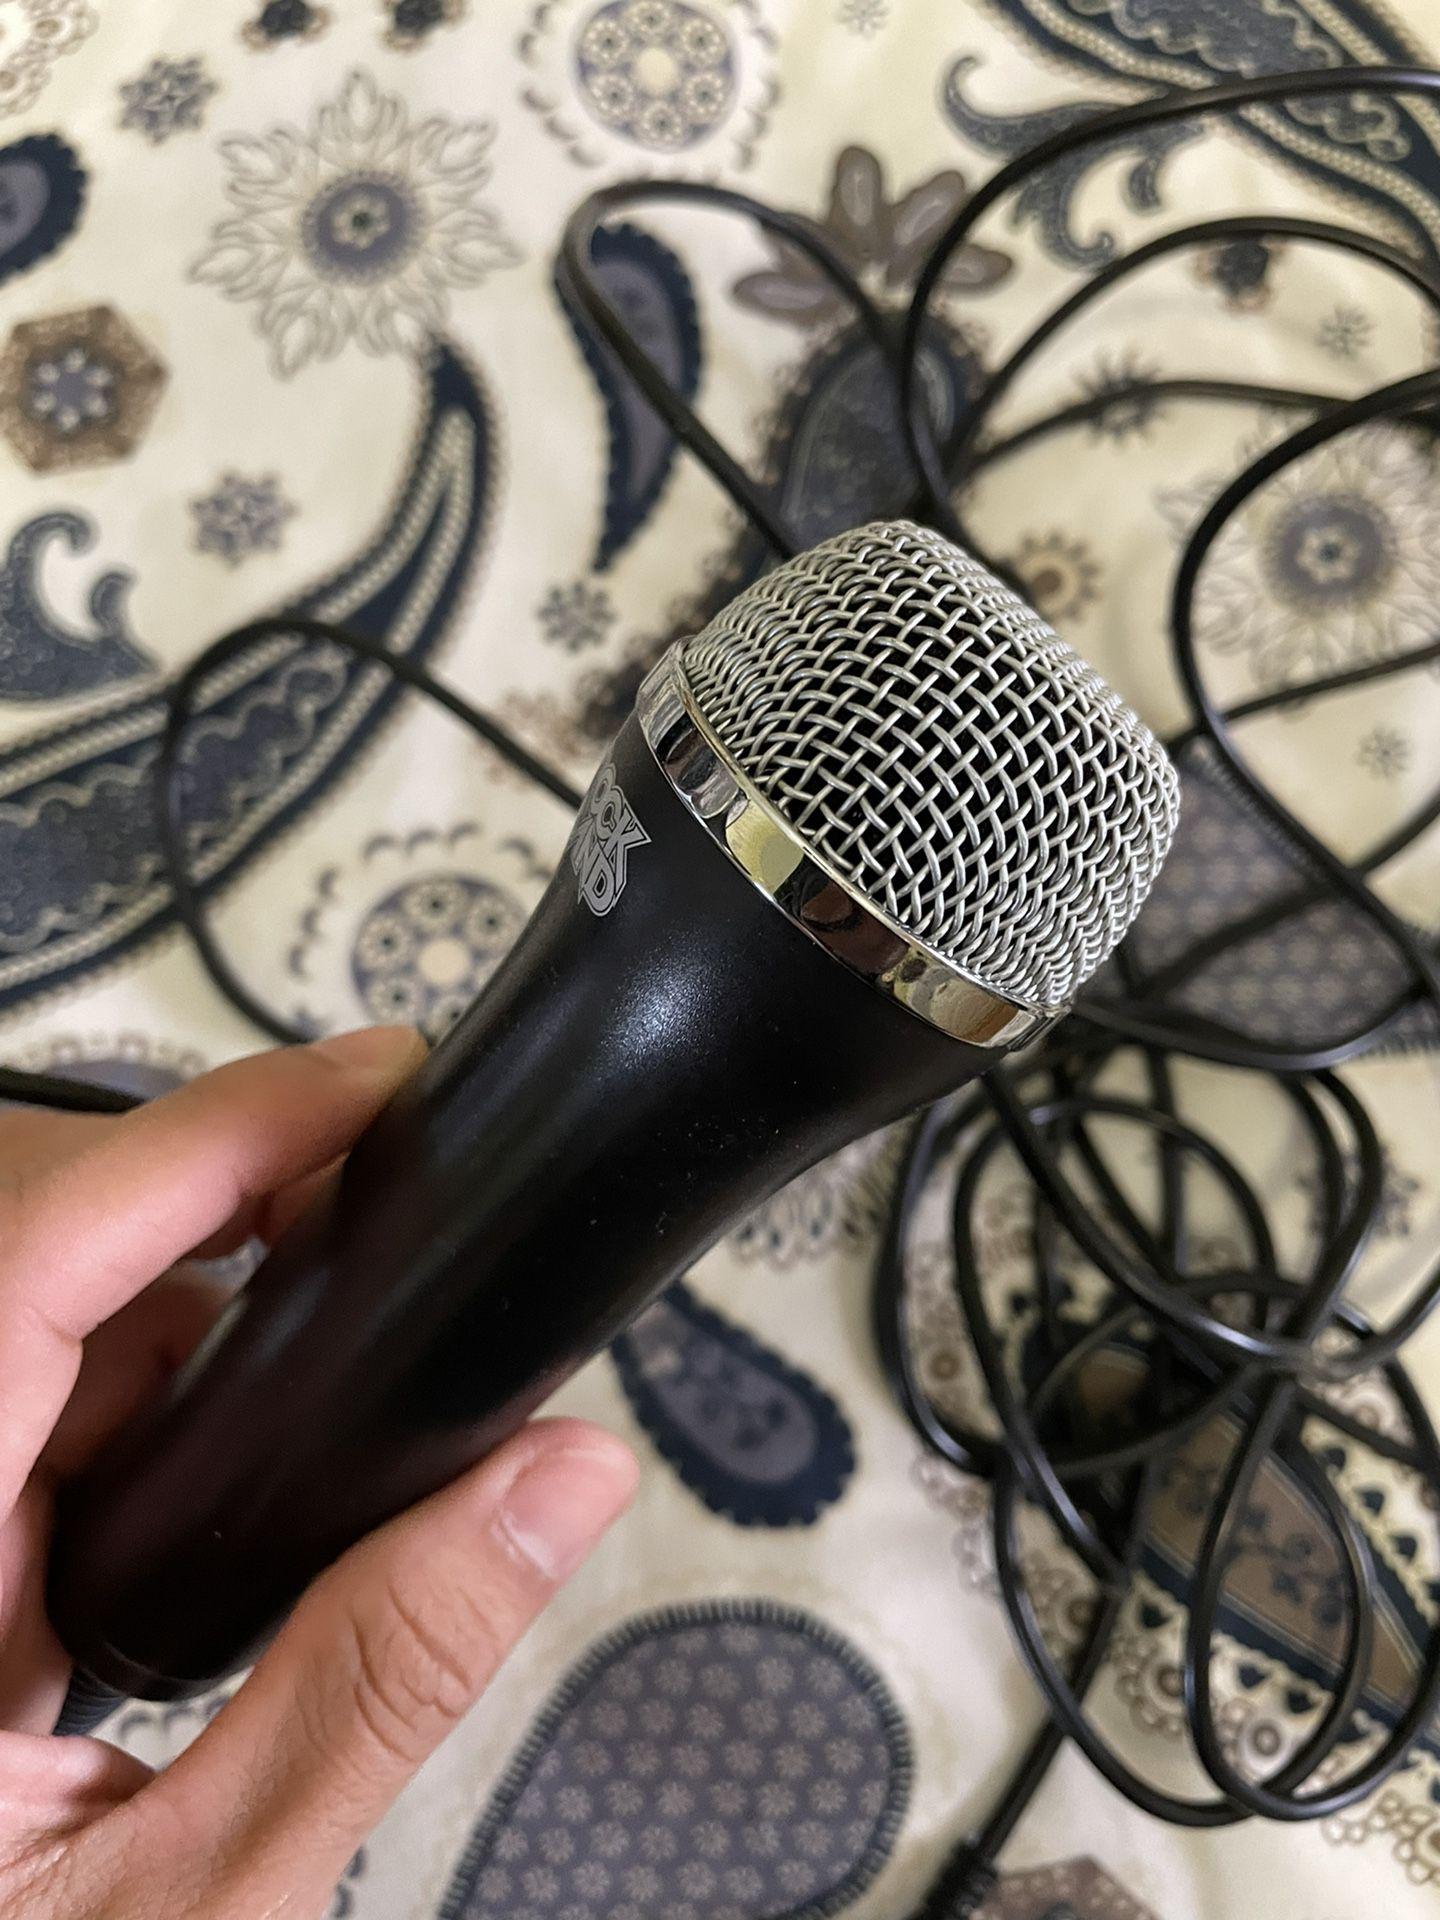 Rockband Microphone